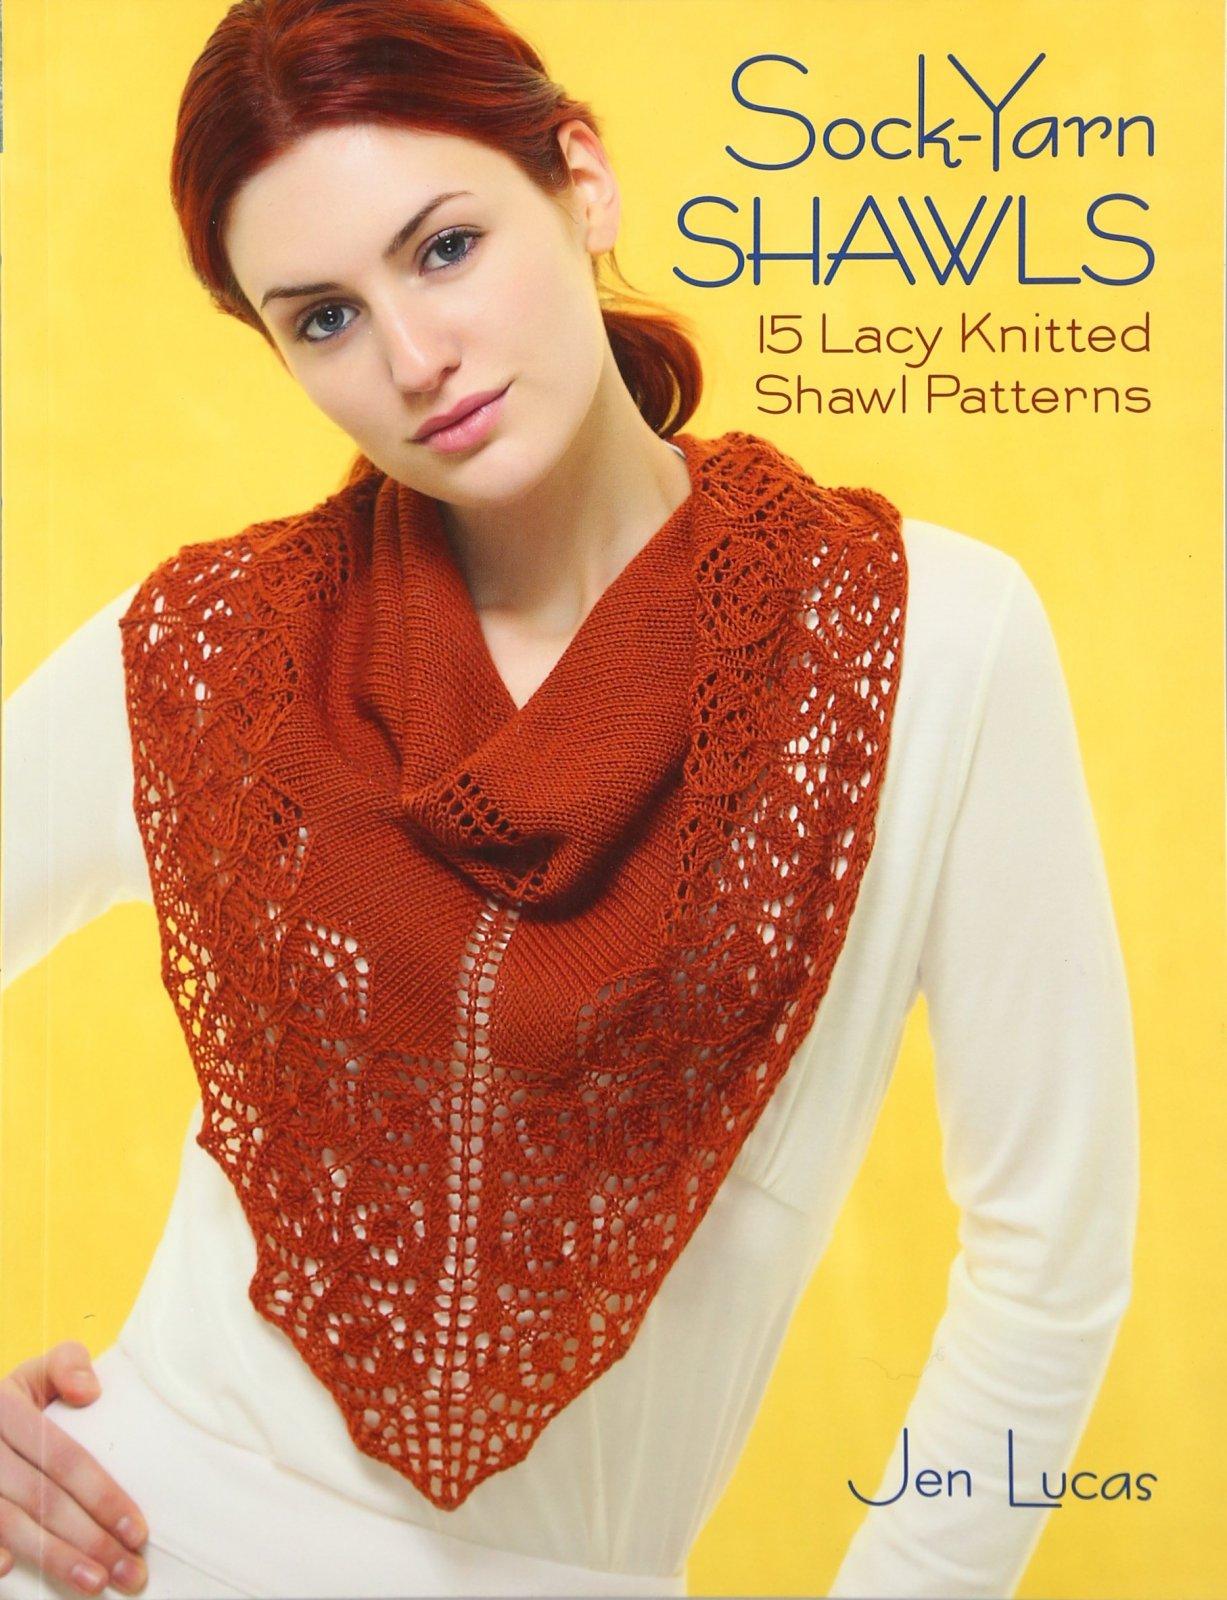 Sock-Yarn Shawls Pattern Book by Jen Lucas